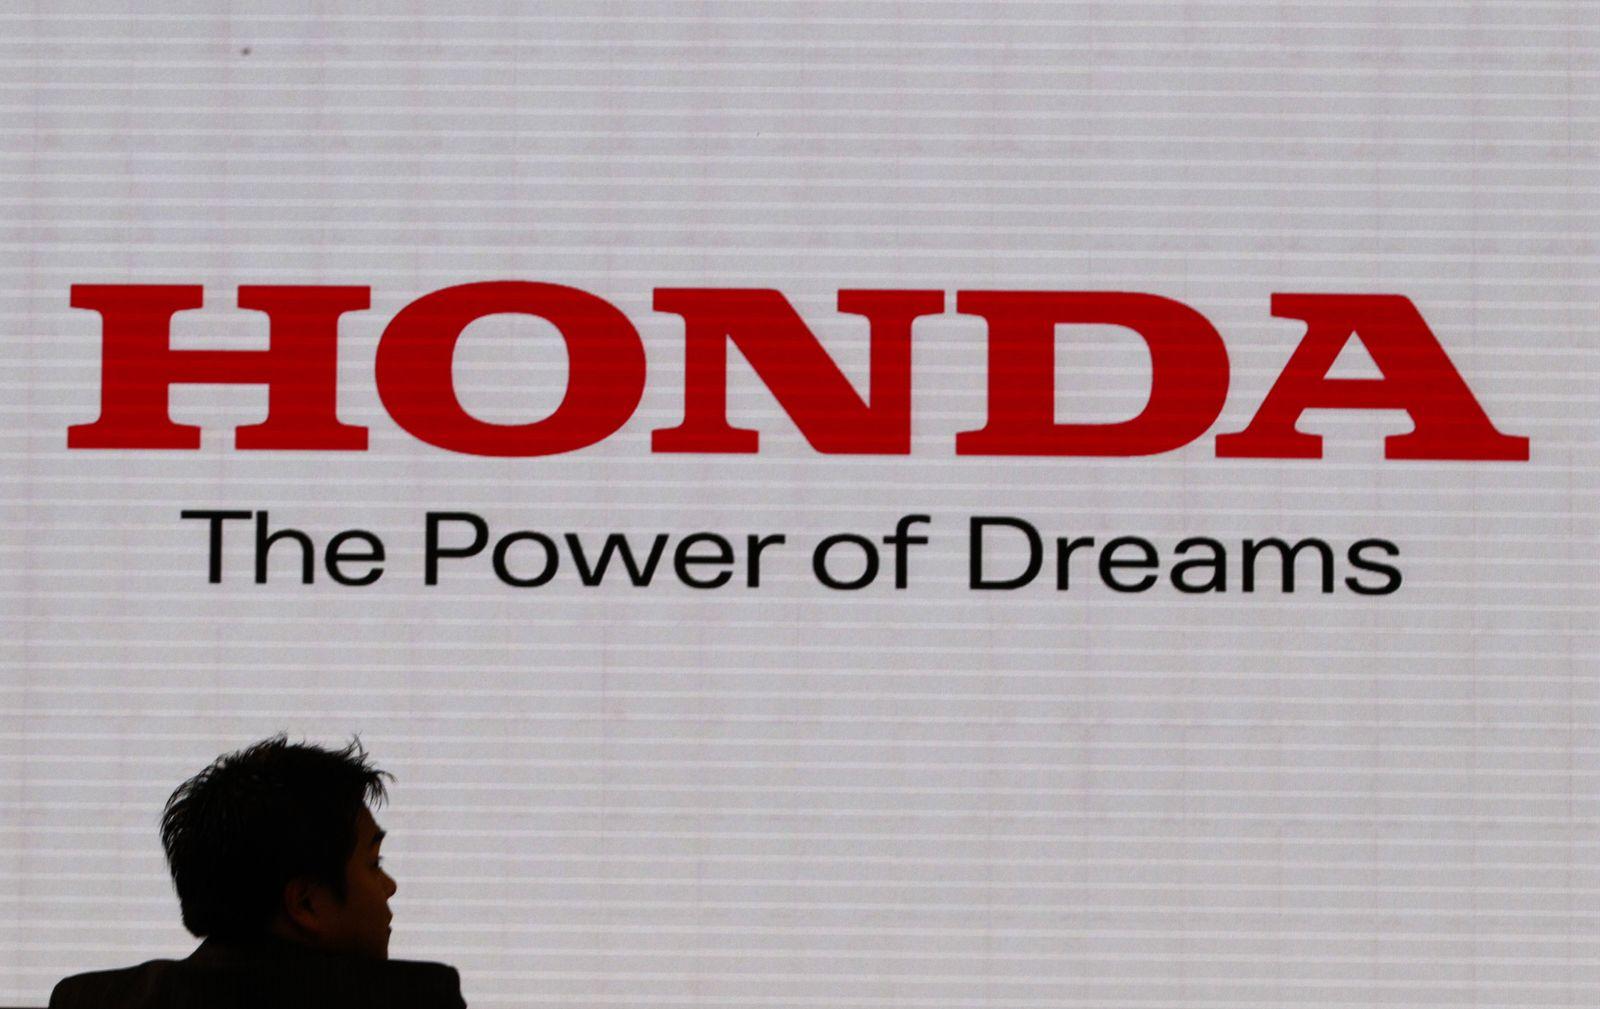 HONDA/Logo